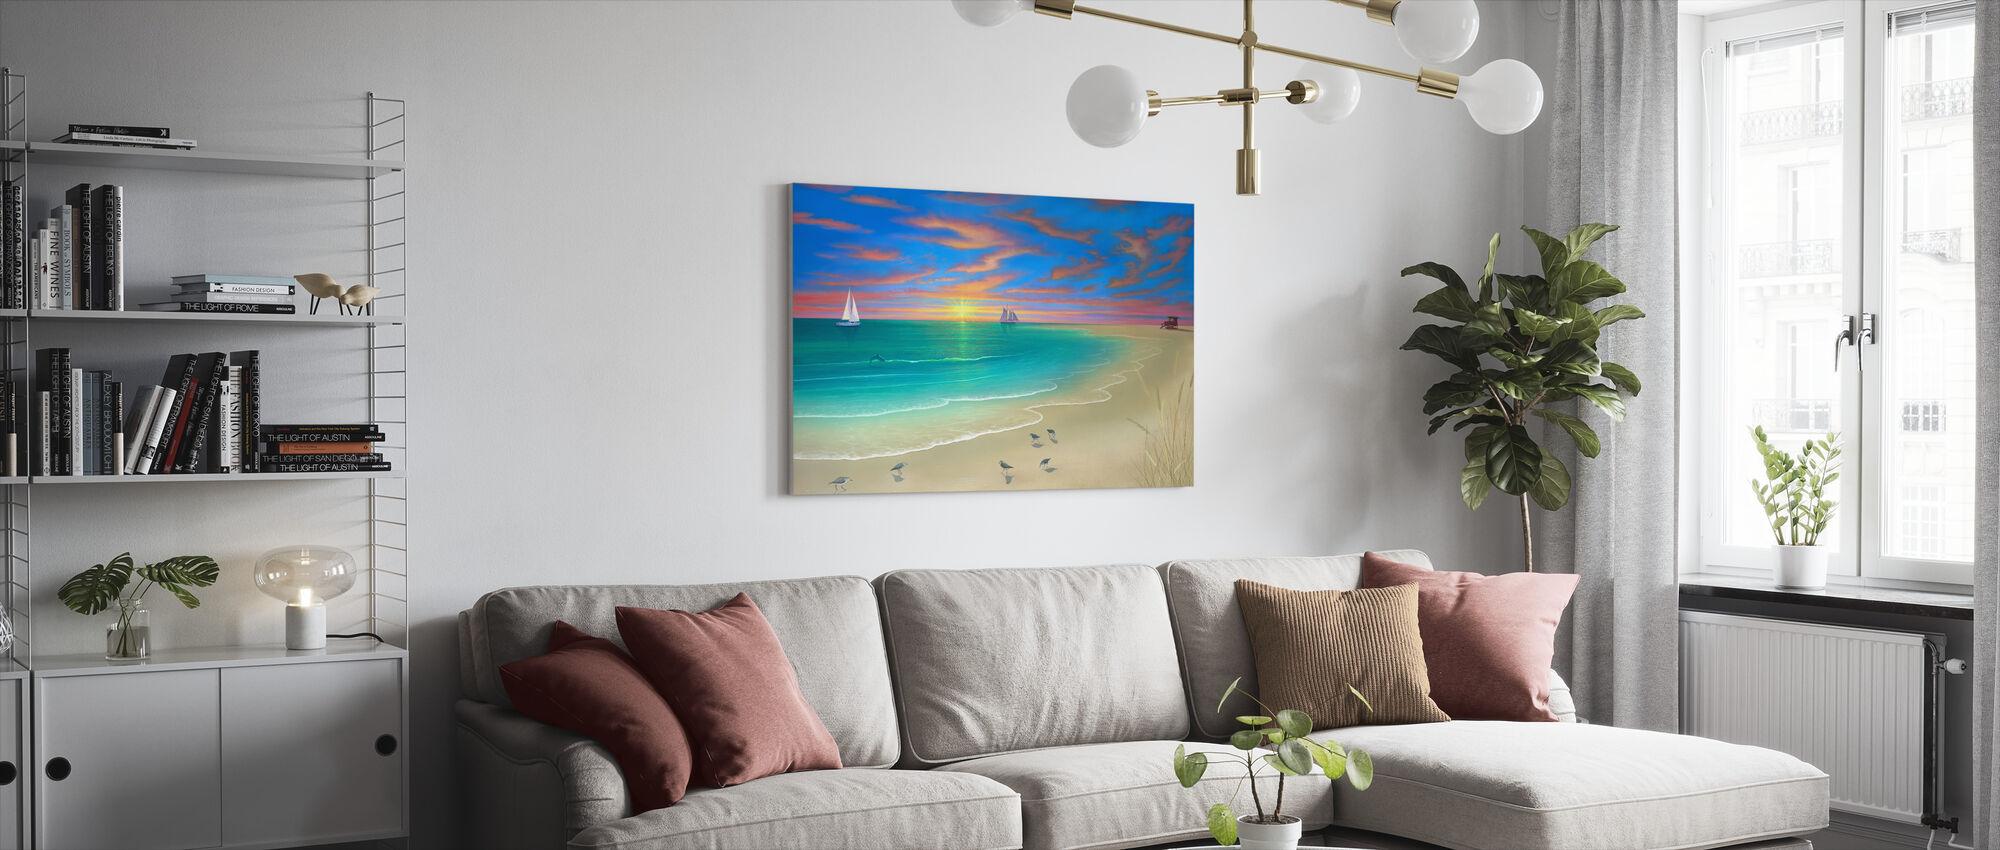 Päivä rannalla - Canvastaulu - Olohuone